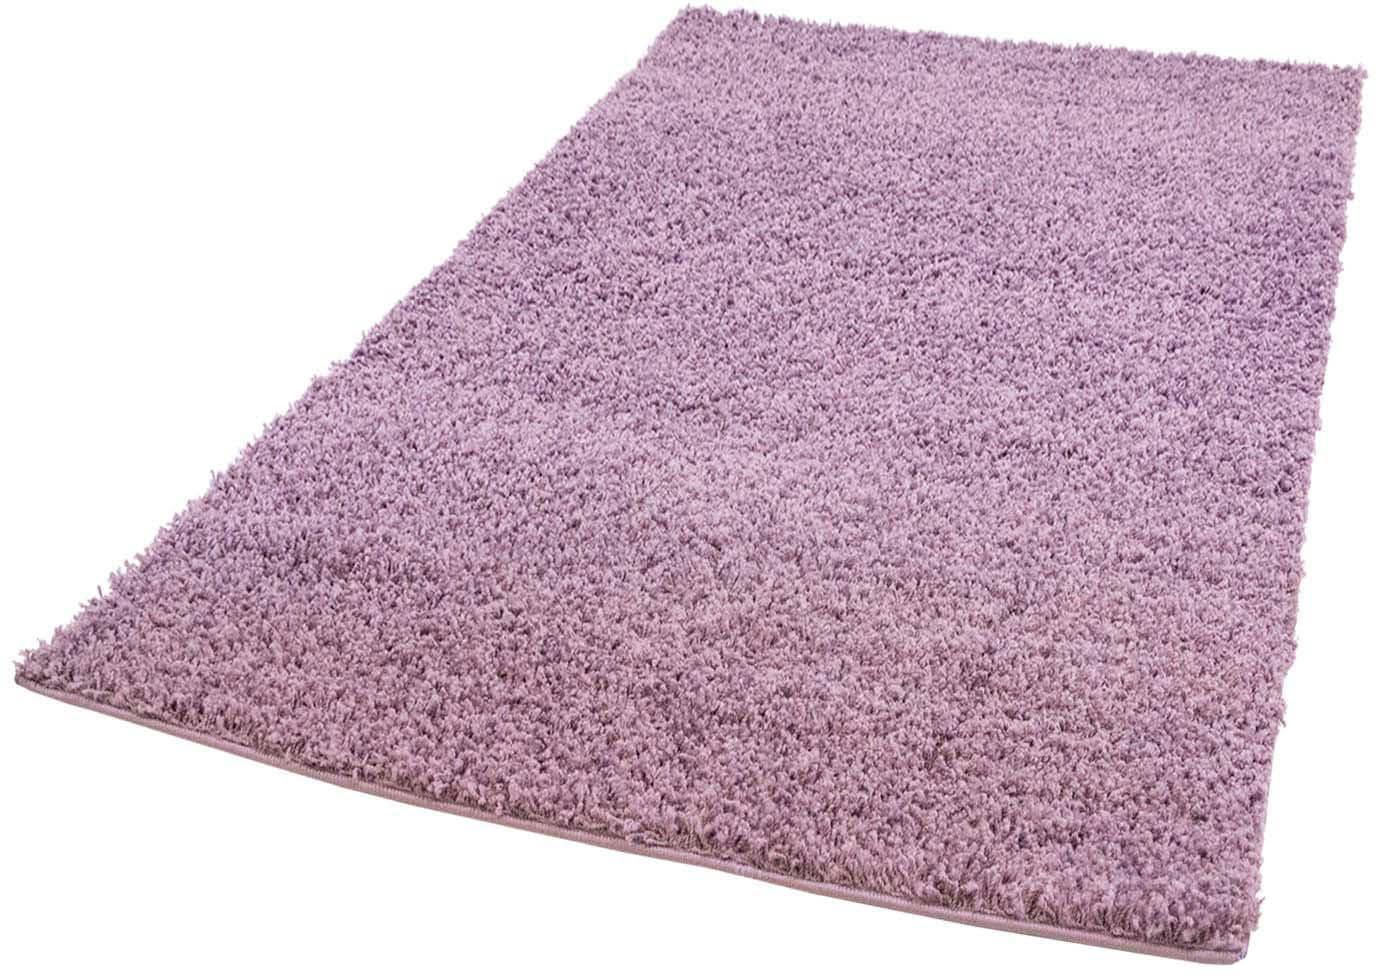 Hochflor-Teppich Pastell Shaggy300 Carpet City rechteckig Höhe 30 mm maschinell gewebt